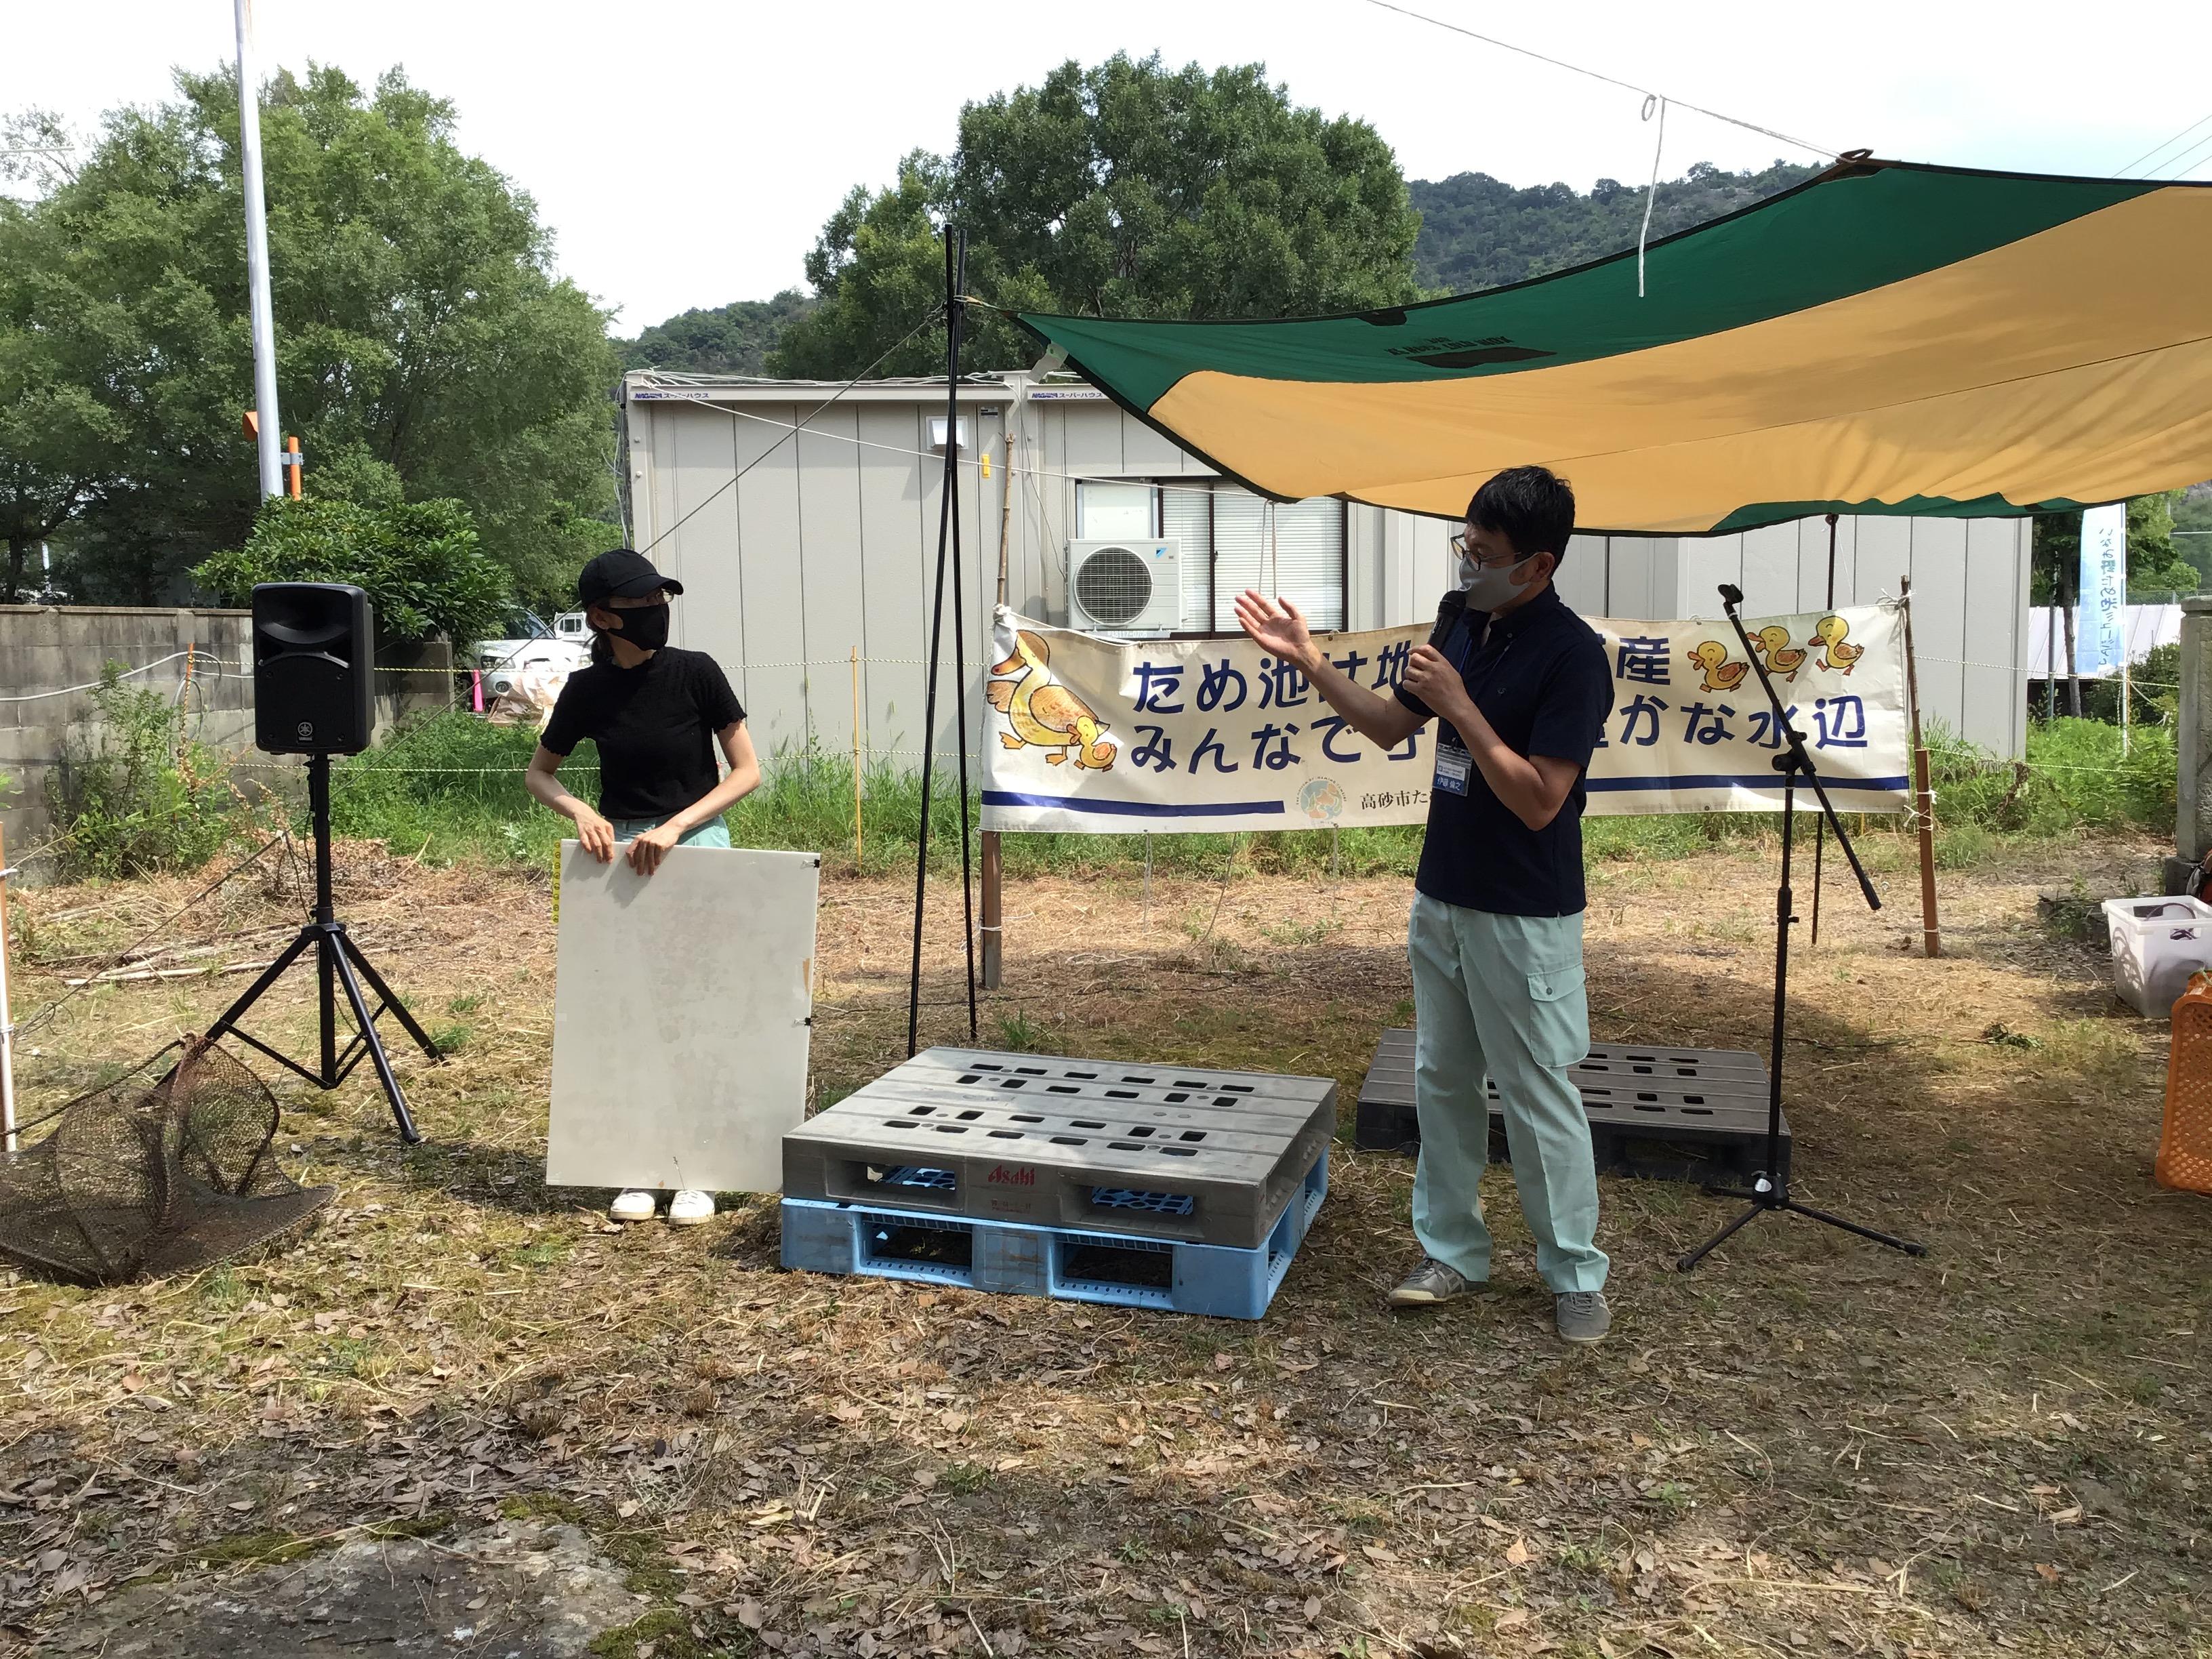 1時限目に、加古川流域土地改良事務所所長補佐がため池を活用した浸水軽減の説明後、パネル受持ちの藤井理央(左側)さんを今4年目で頑張っていますと参加者に紹介。